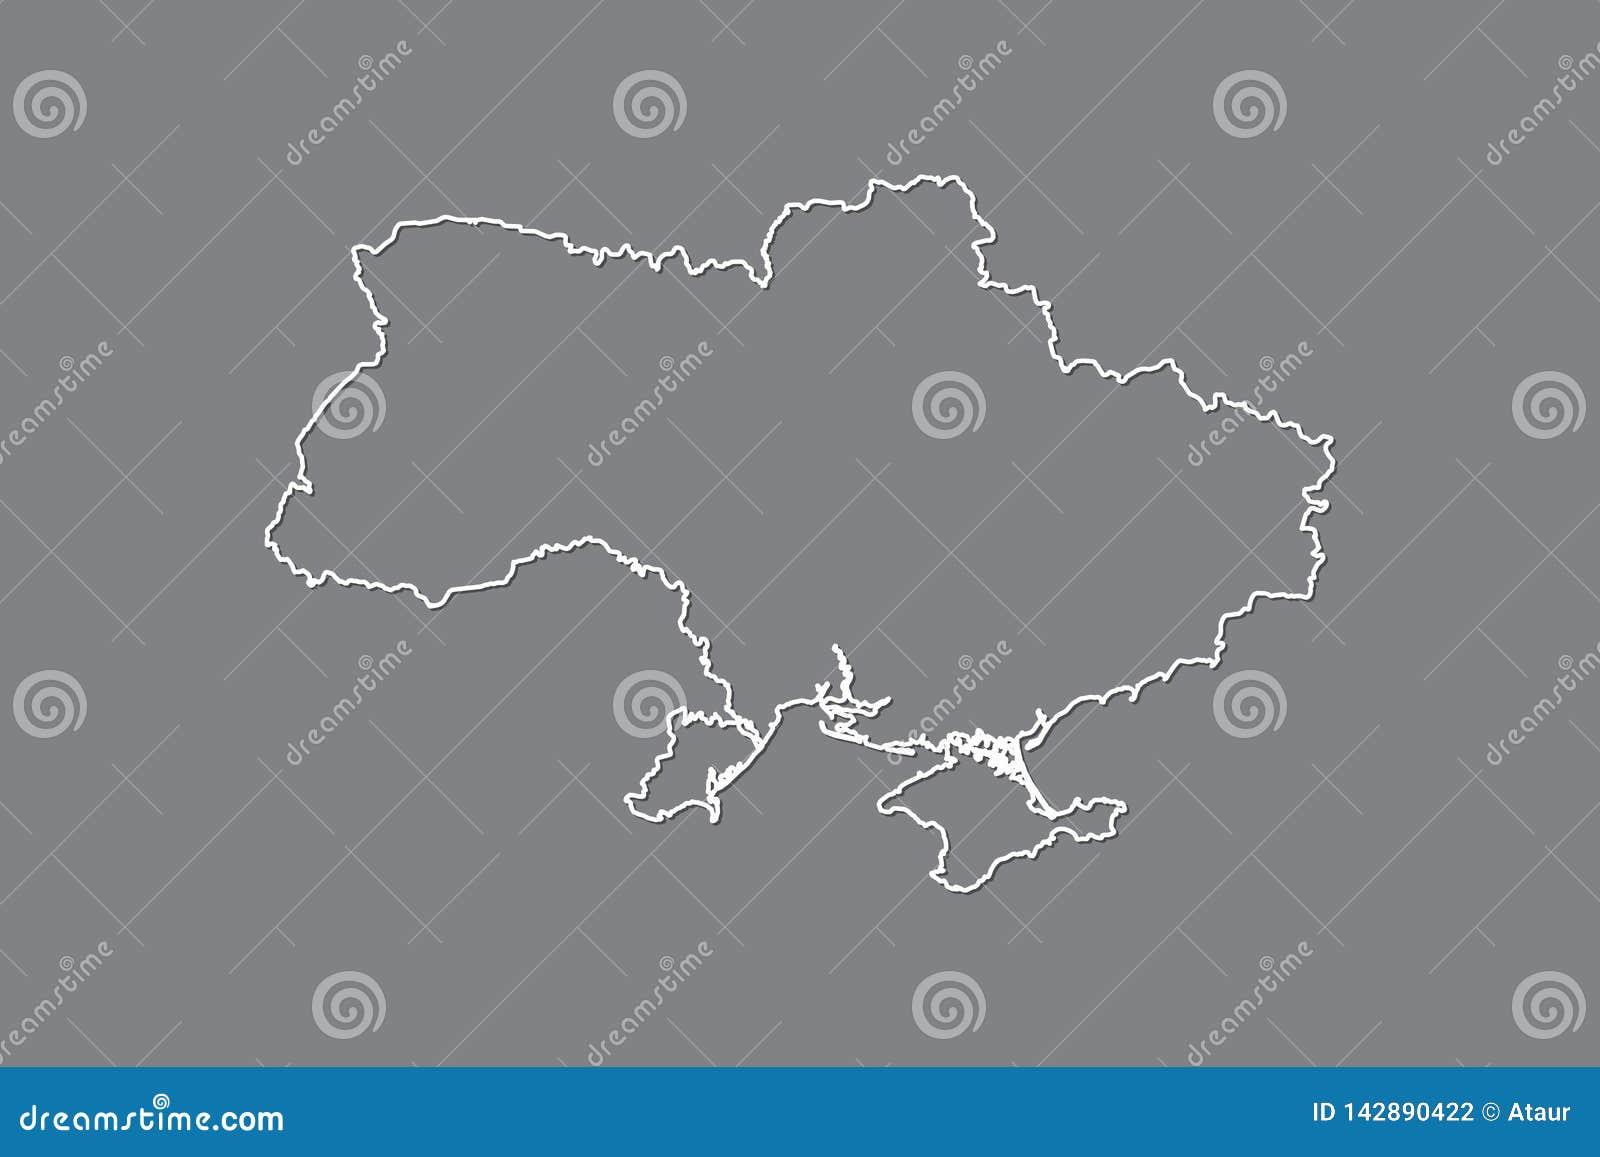 Ukraine-Vektorkarte mit einzelner Grenze Grenze unter Verwendung der weißen Farbe auf dunkler Hintergrundillustration